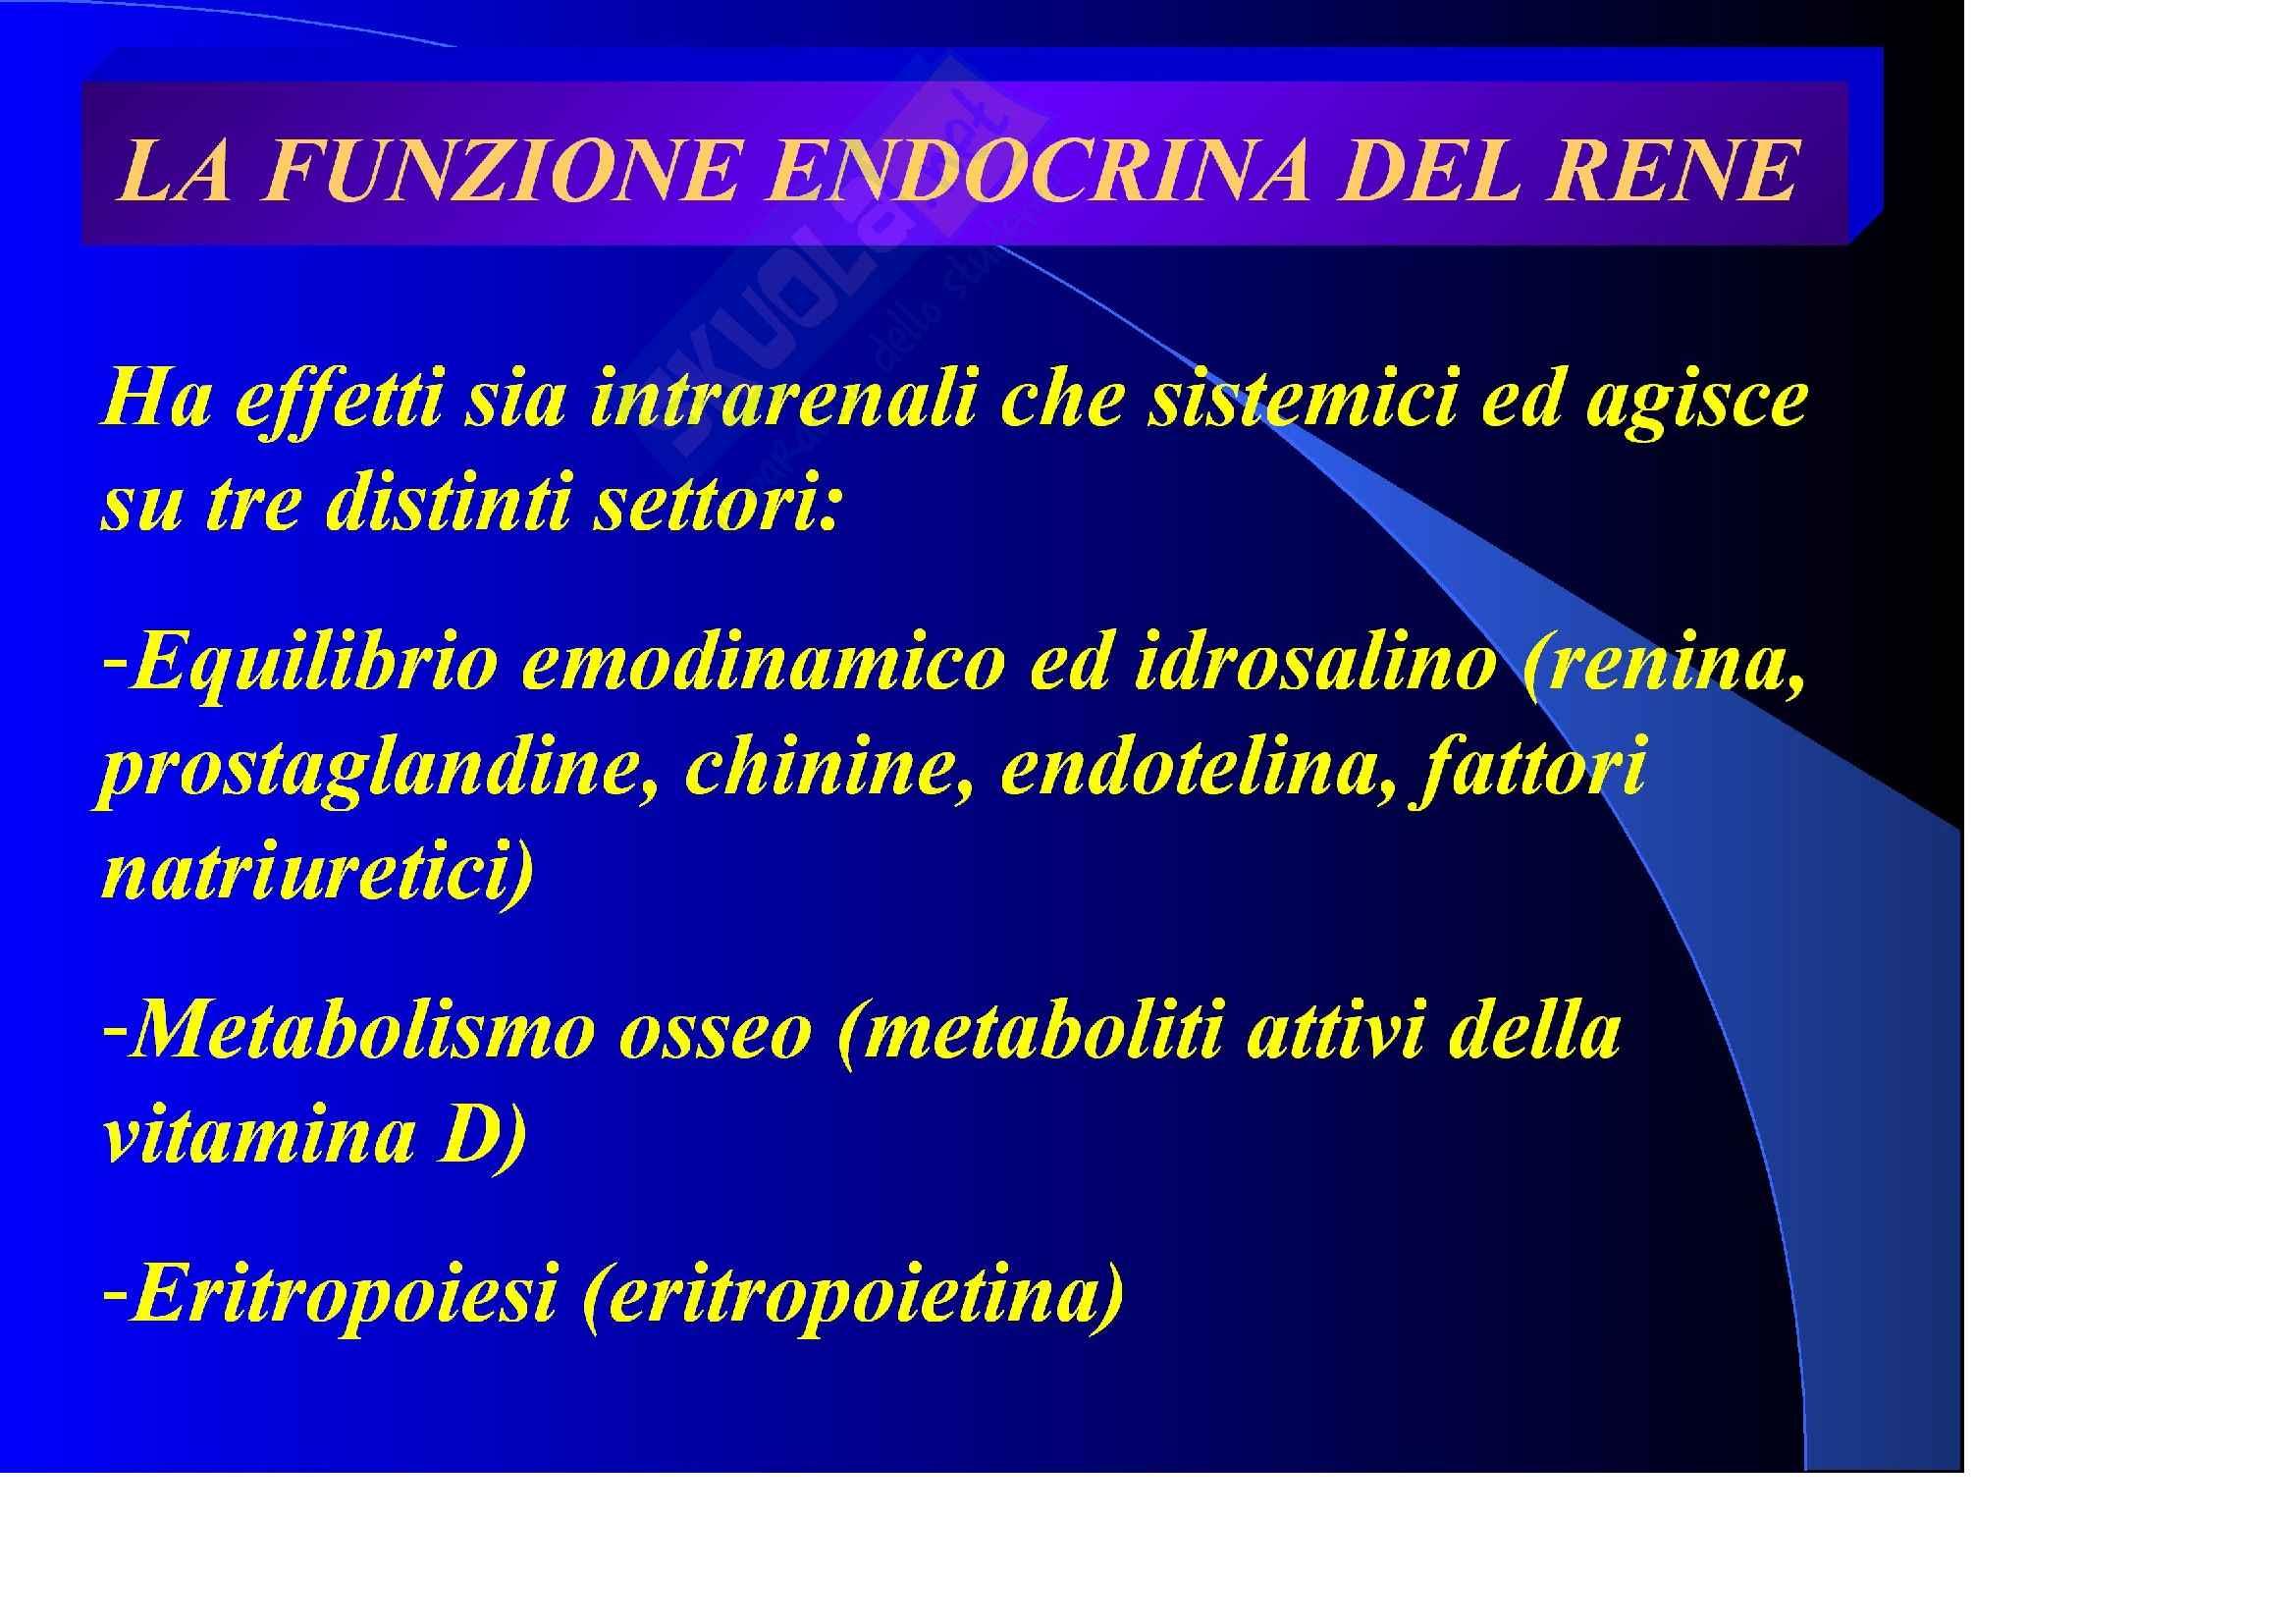 Nefrologia e urologia – Funzione endocrina